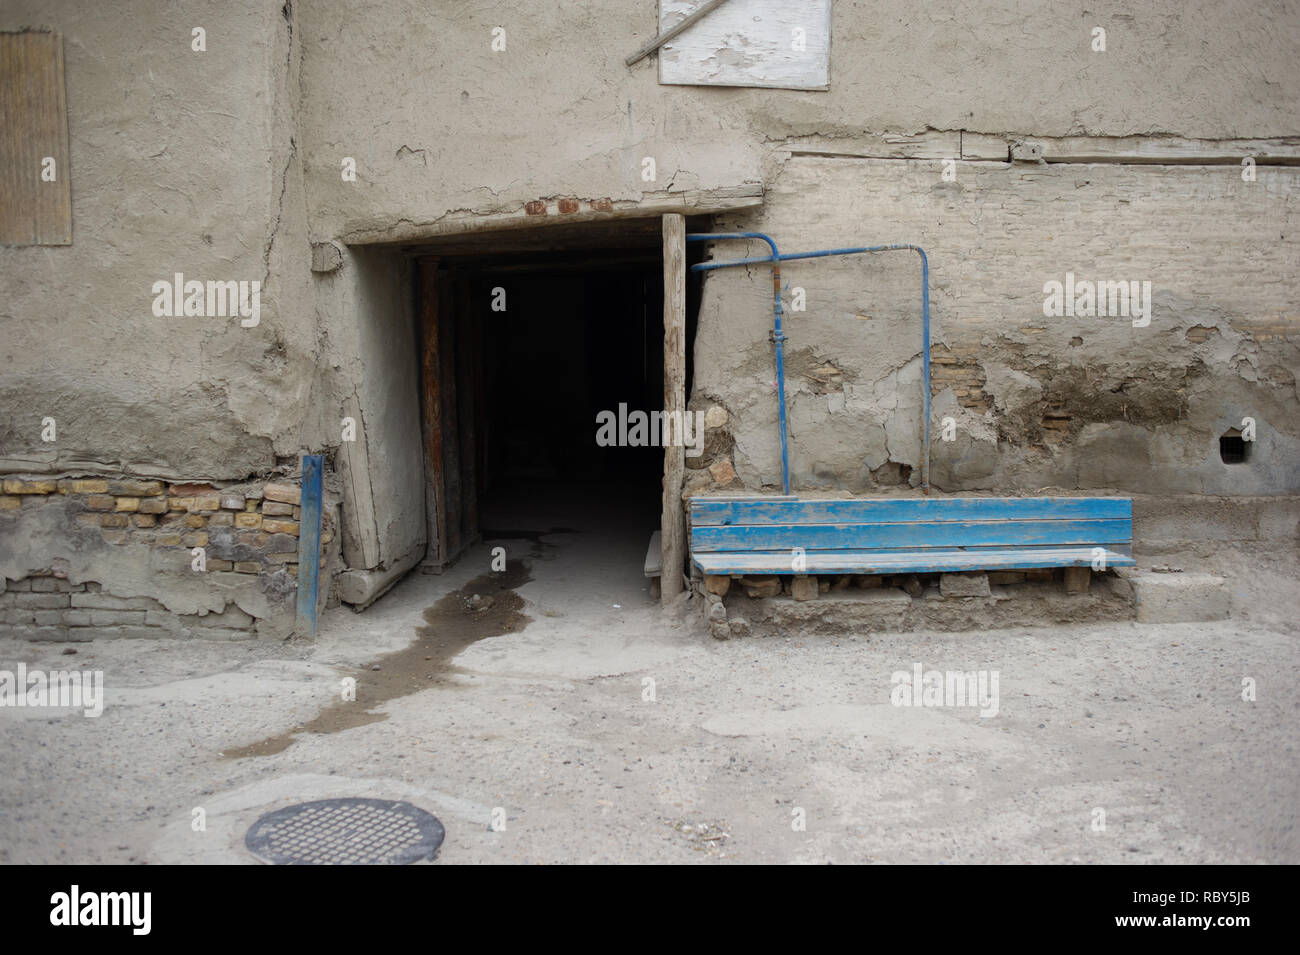 La vita quotidiana nella città vecchia di Bukhara, Uzbekistan. Immagini Stock